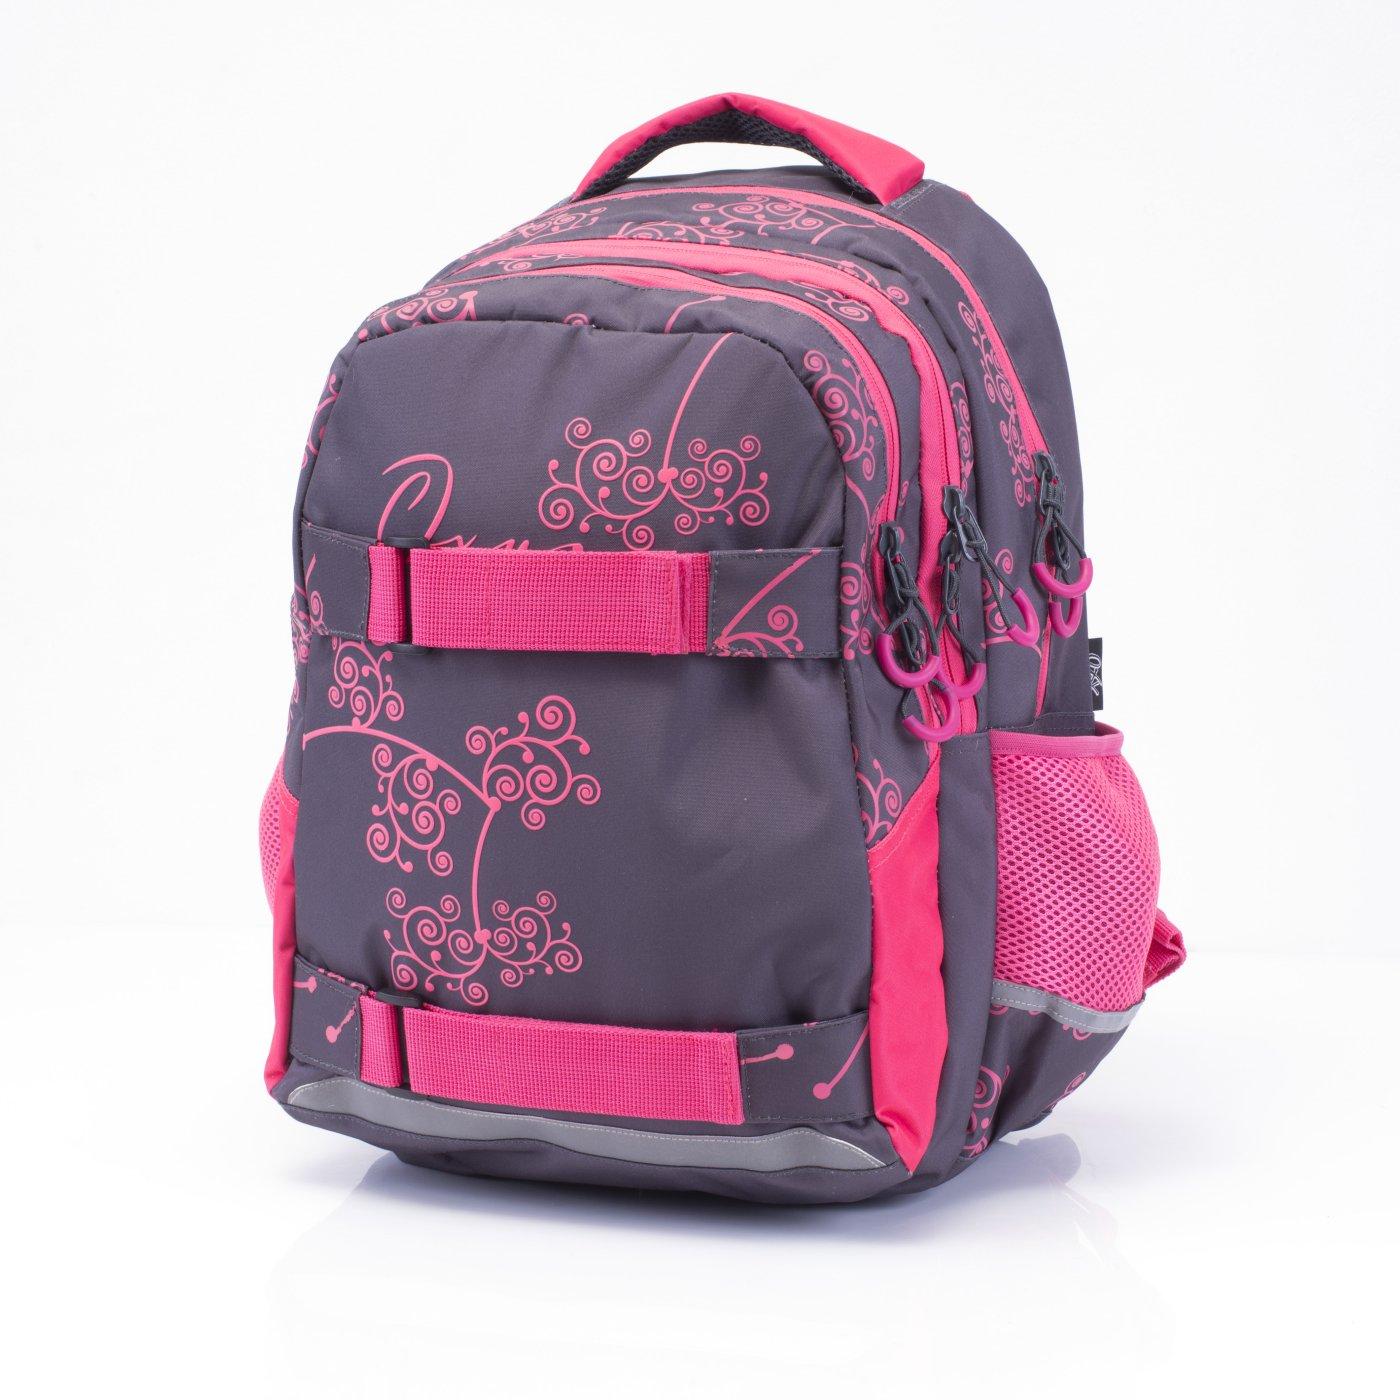 1eaffc8be3f Studentský batoh OXY One Pink - Školní potřeby » OXY STUDENTSKÉ ...